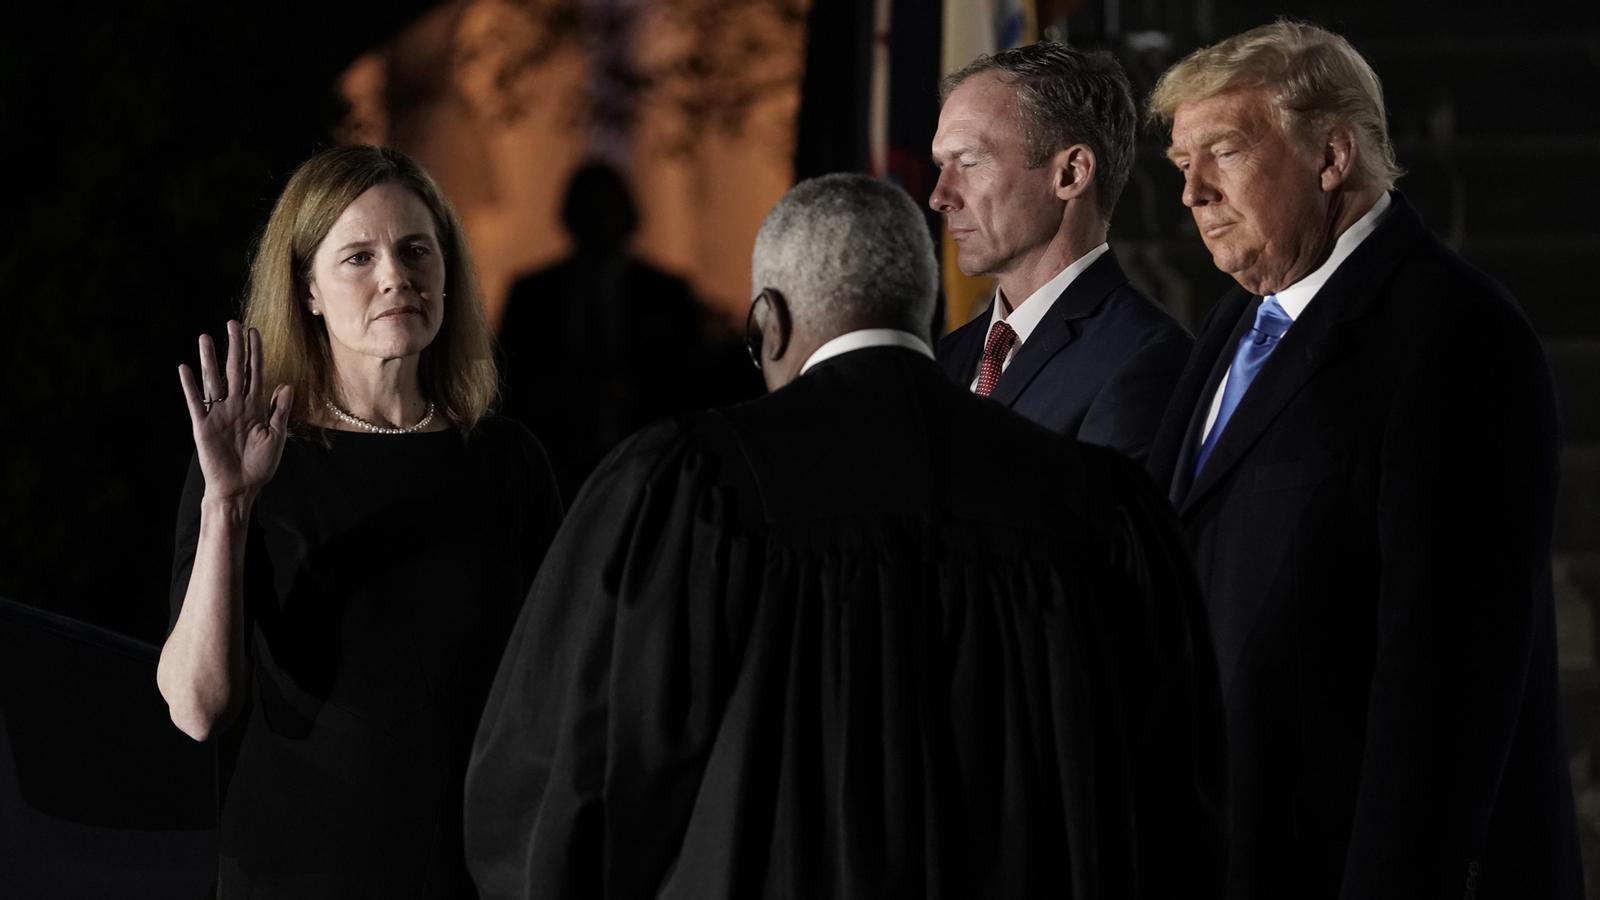 El Govern estudia el confinament de cap de setmana; Amy Coney Barrett ja és jutge del Suprem dels EUA; Bartomeu carrega contra la Generalitat per no realitzar el vot: les claus del dia, amb Antoni Bassas (27/10/2020)